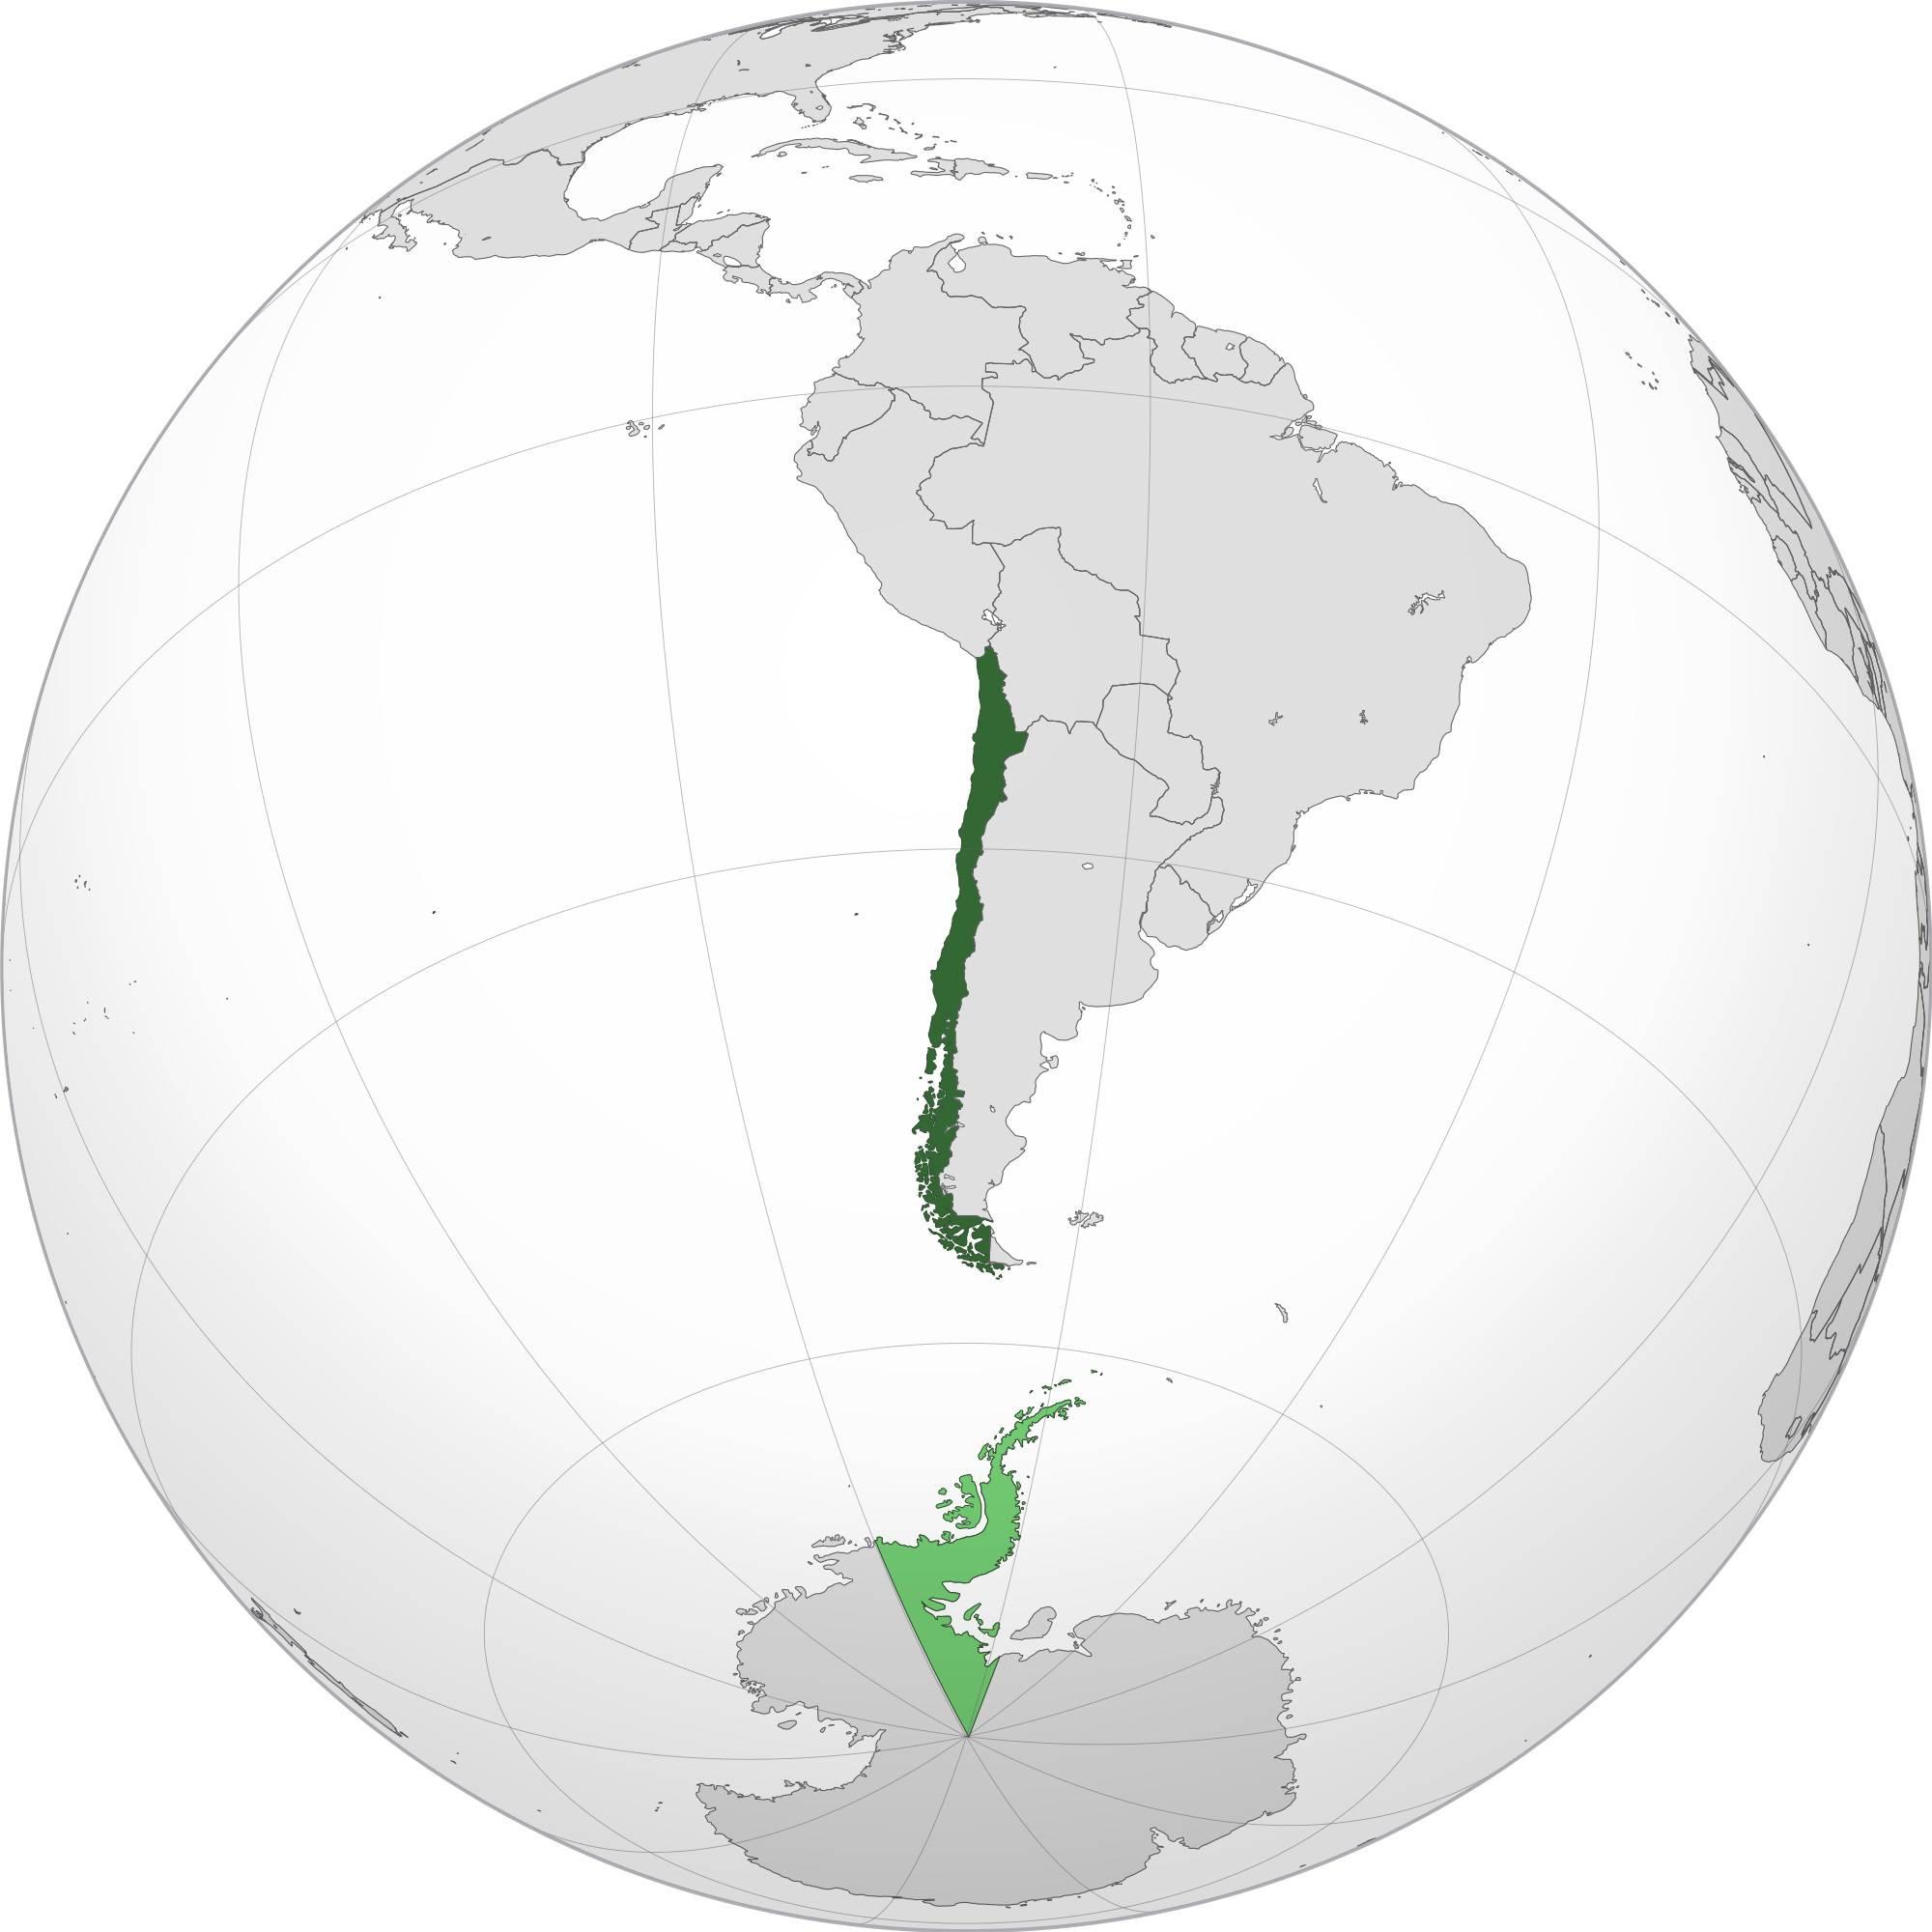 Chili sur la carte de l'Amérique-du-Sud